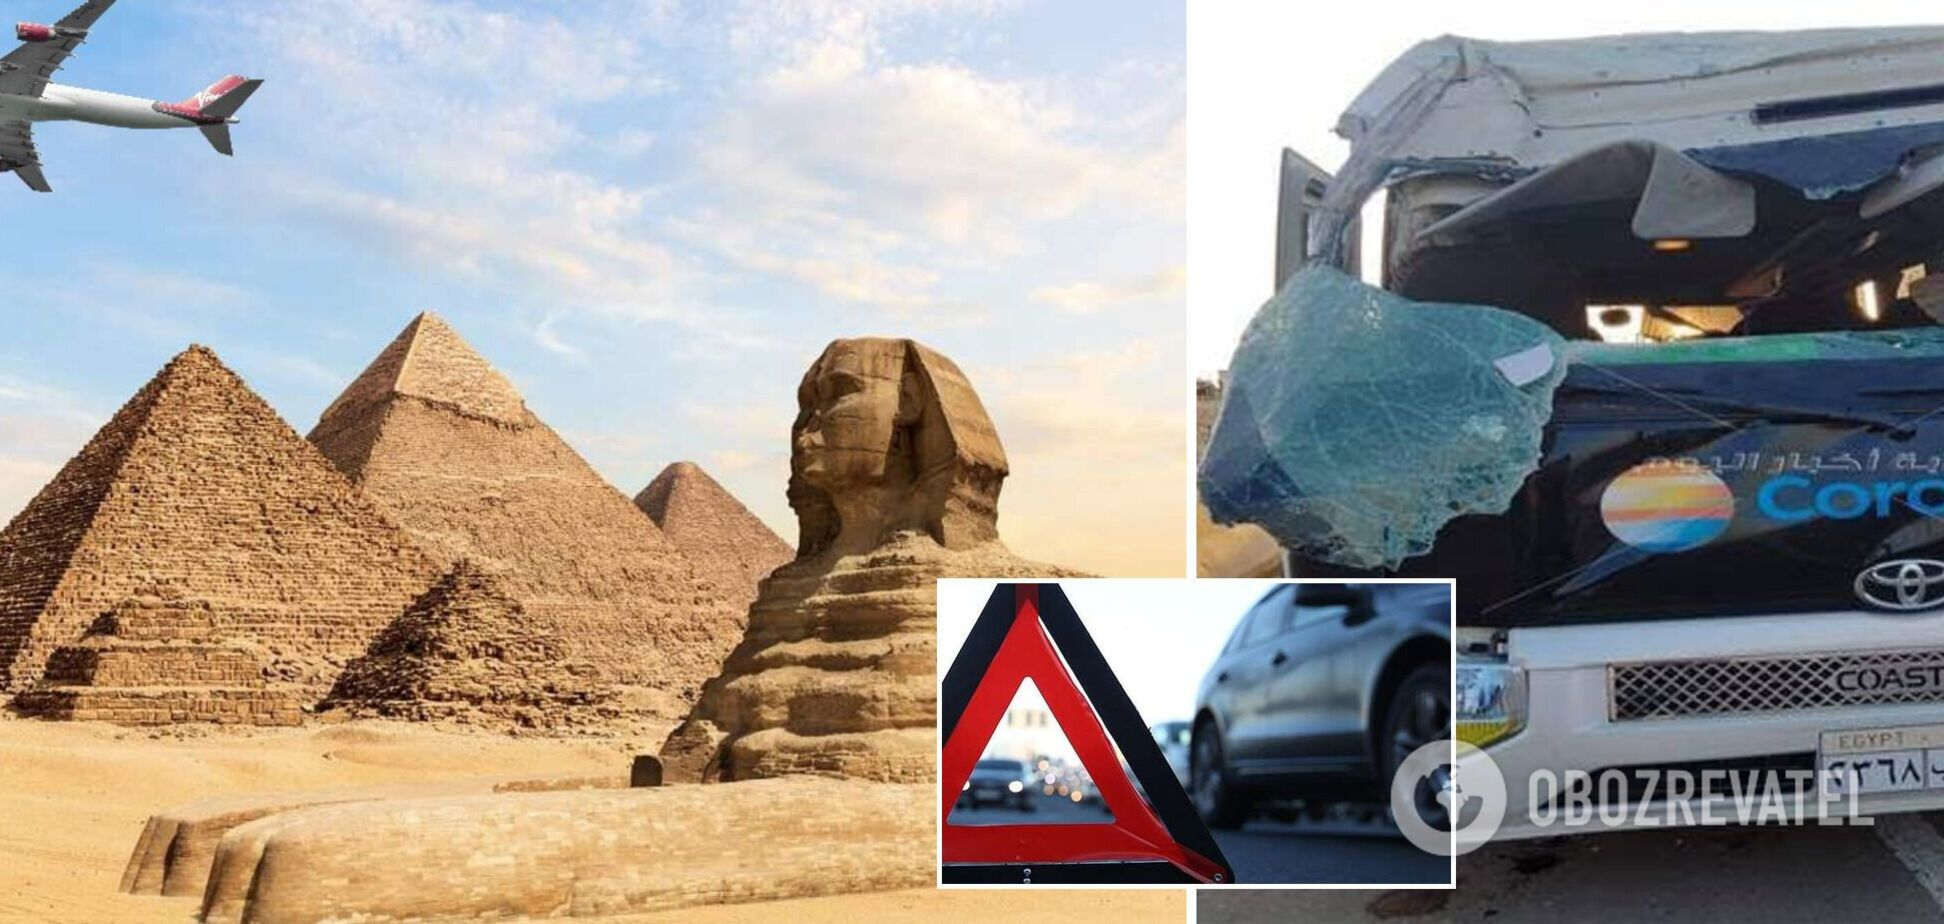 В Египте разбился туристический автобус: пострадали 11 человек, есть жертва